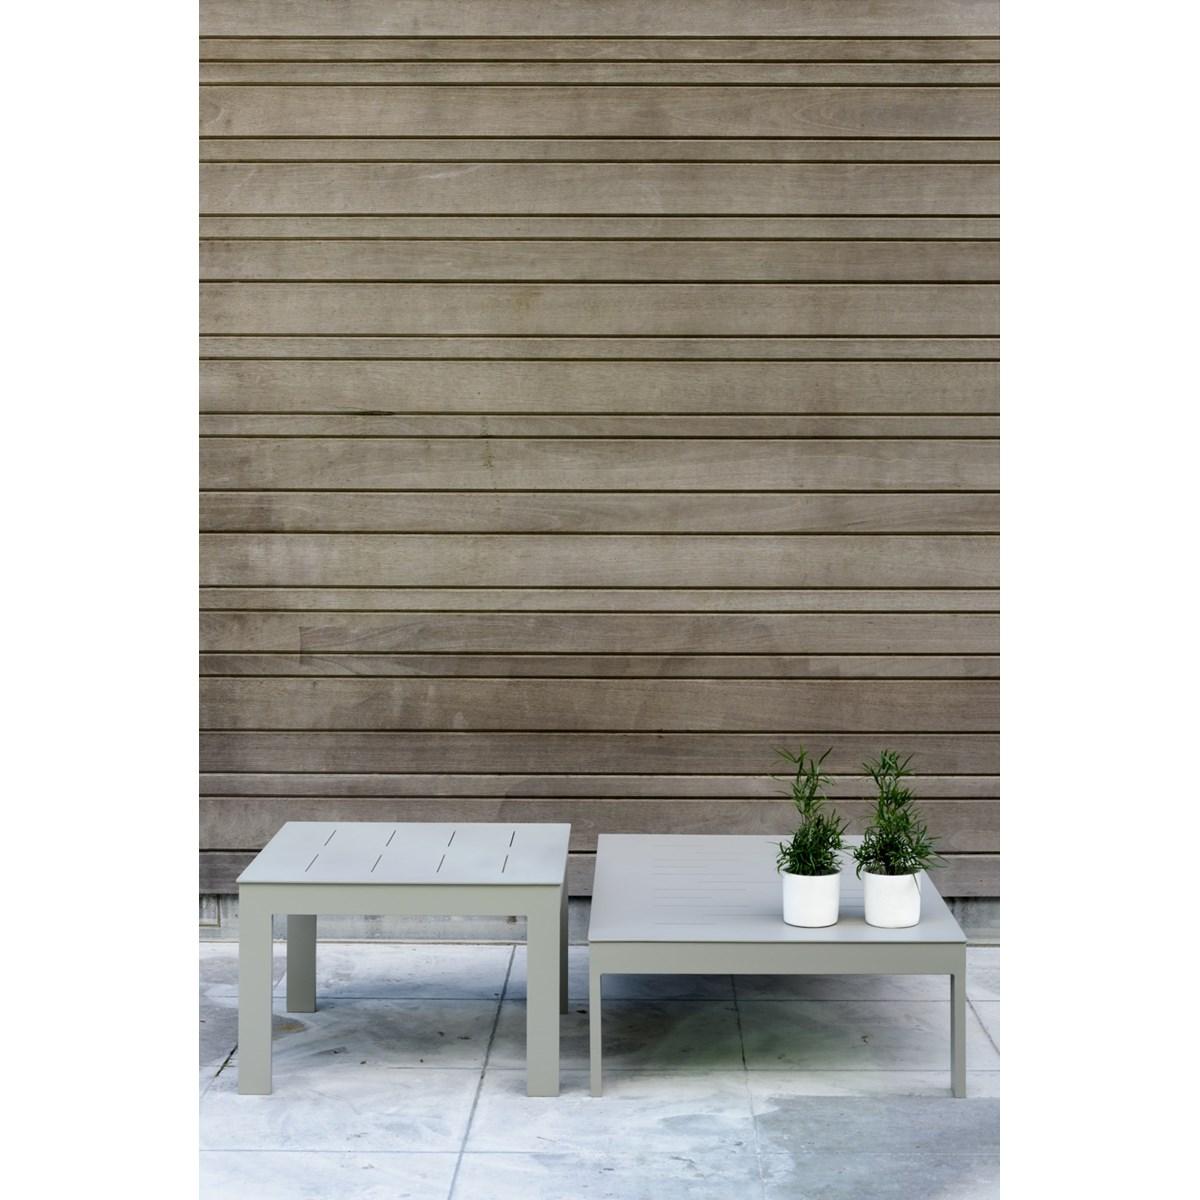 Table basse de jardin rectangulaire en aluminium gris souris